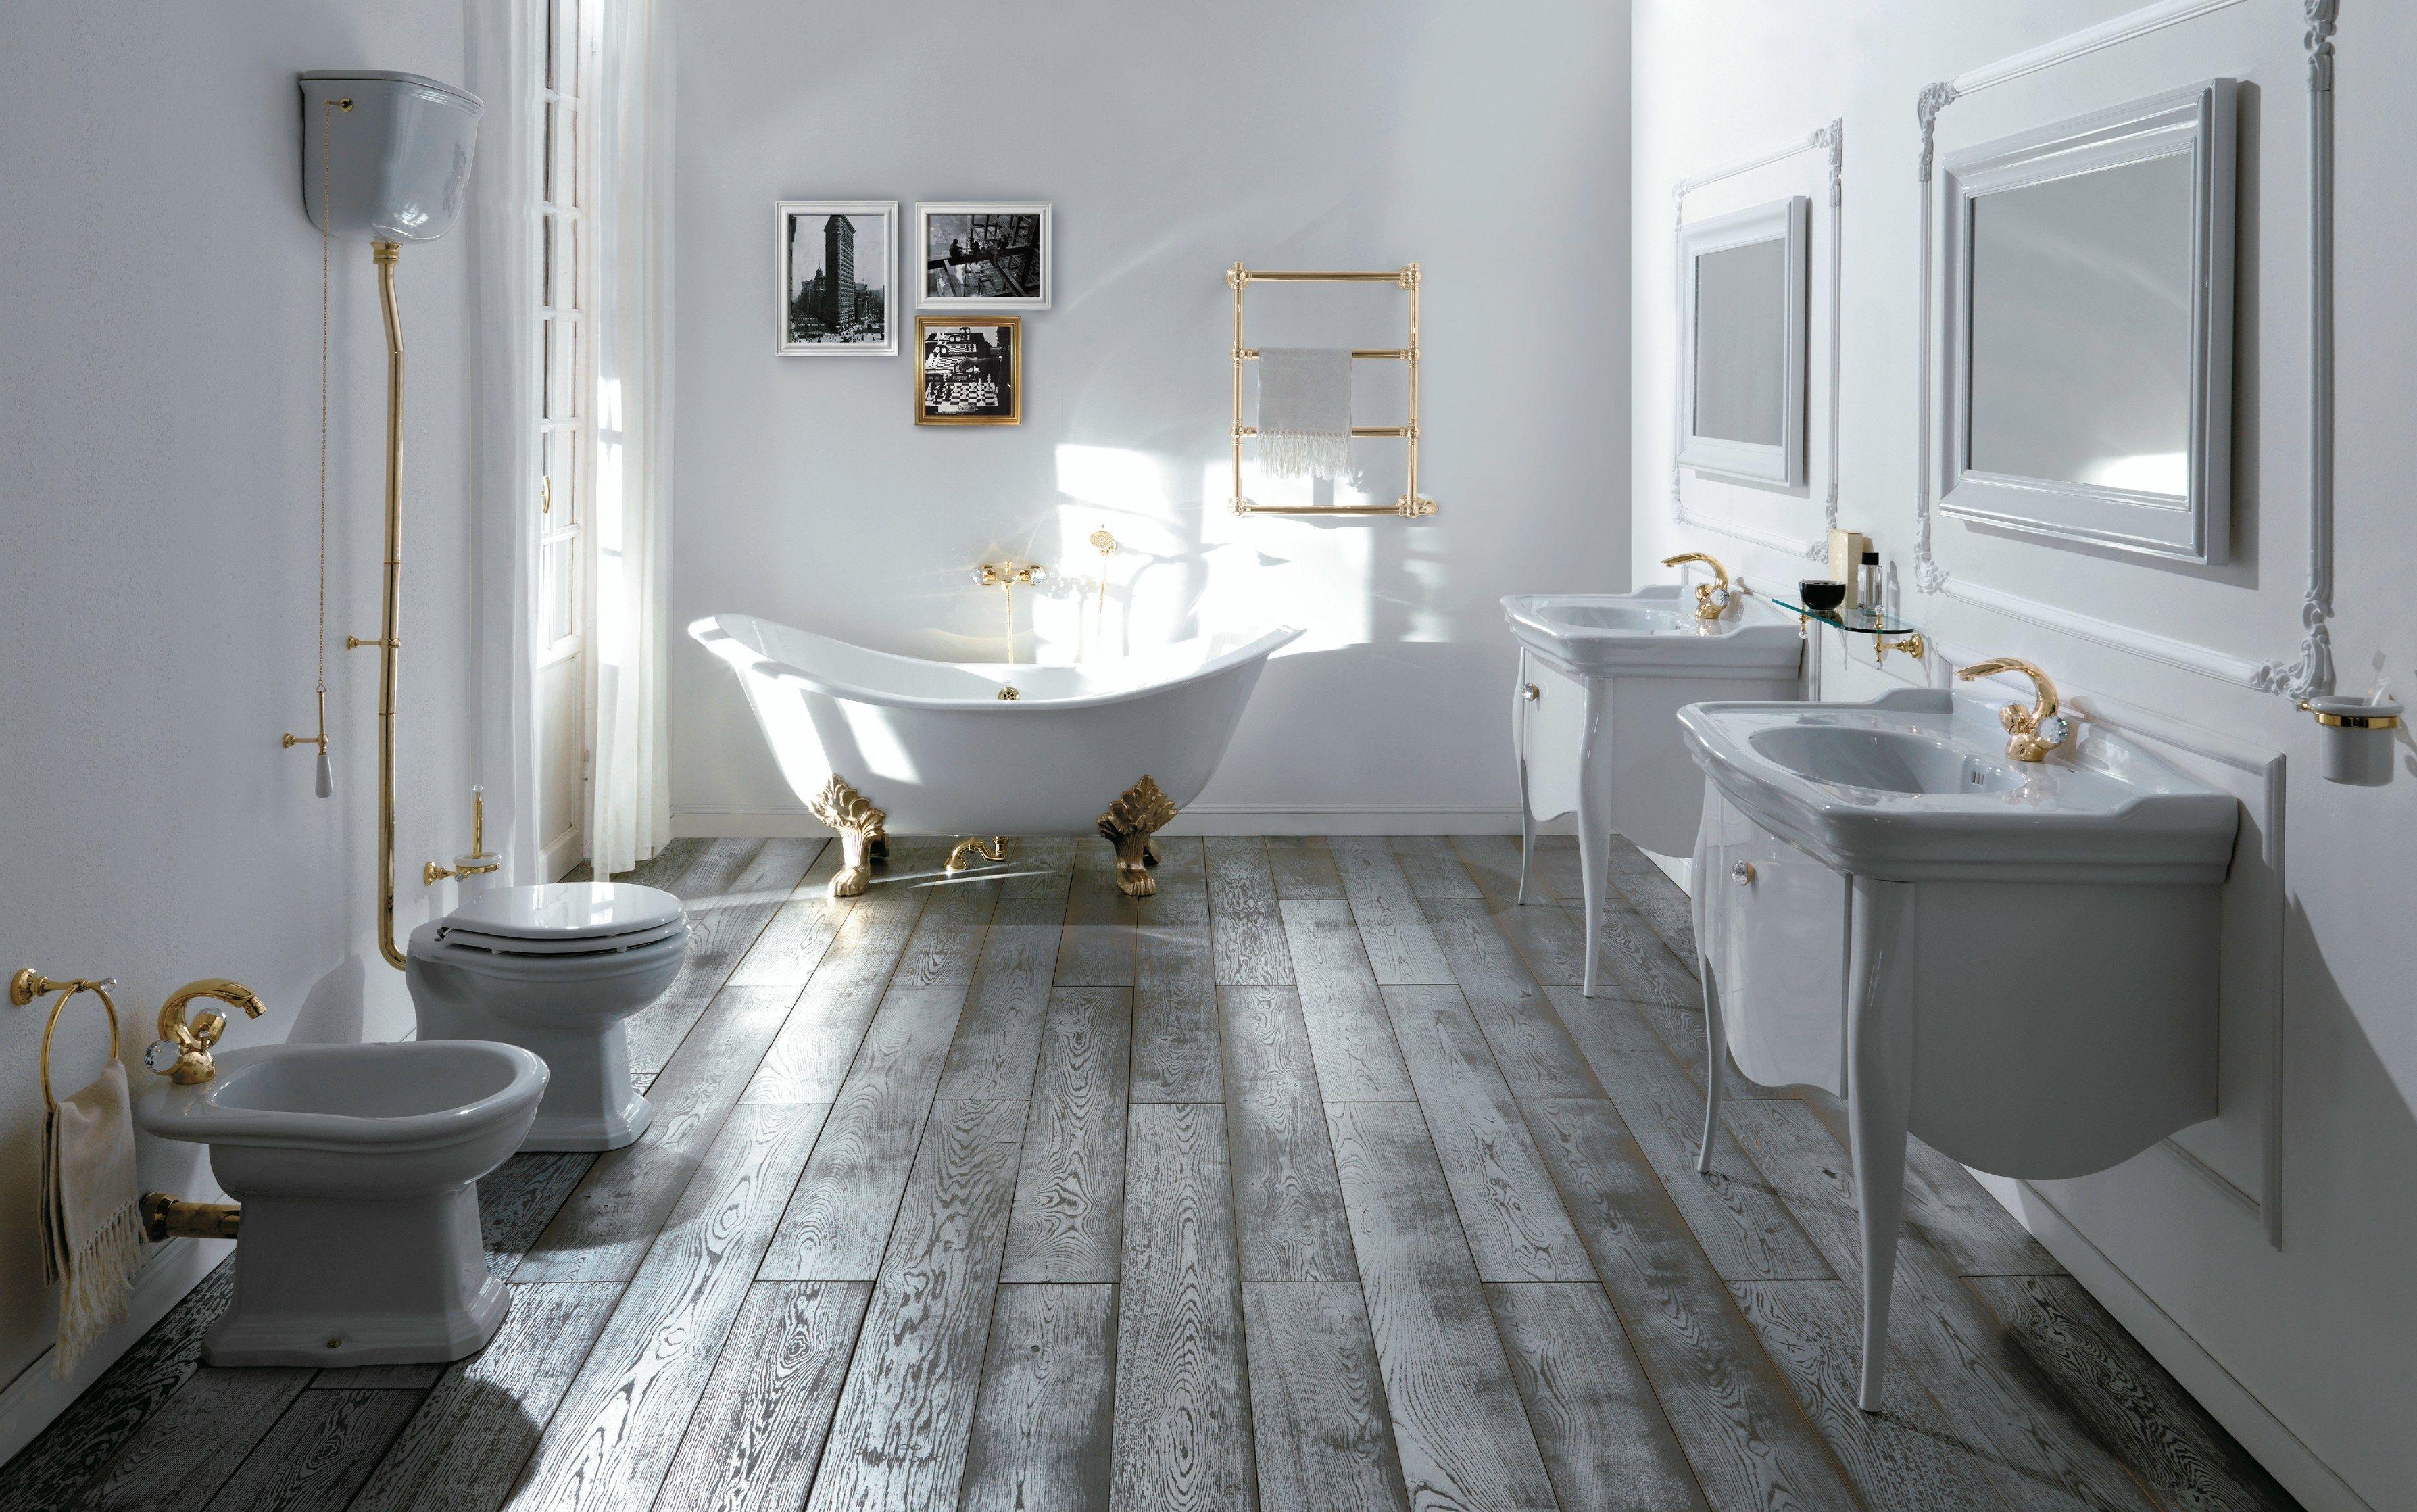 Impero style vasca da bagno by giulini g rubinetteria - Mobili da bagno in stile ...